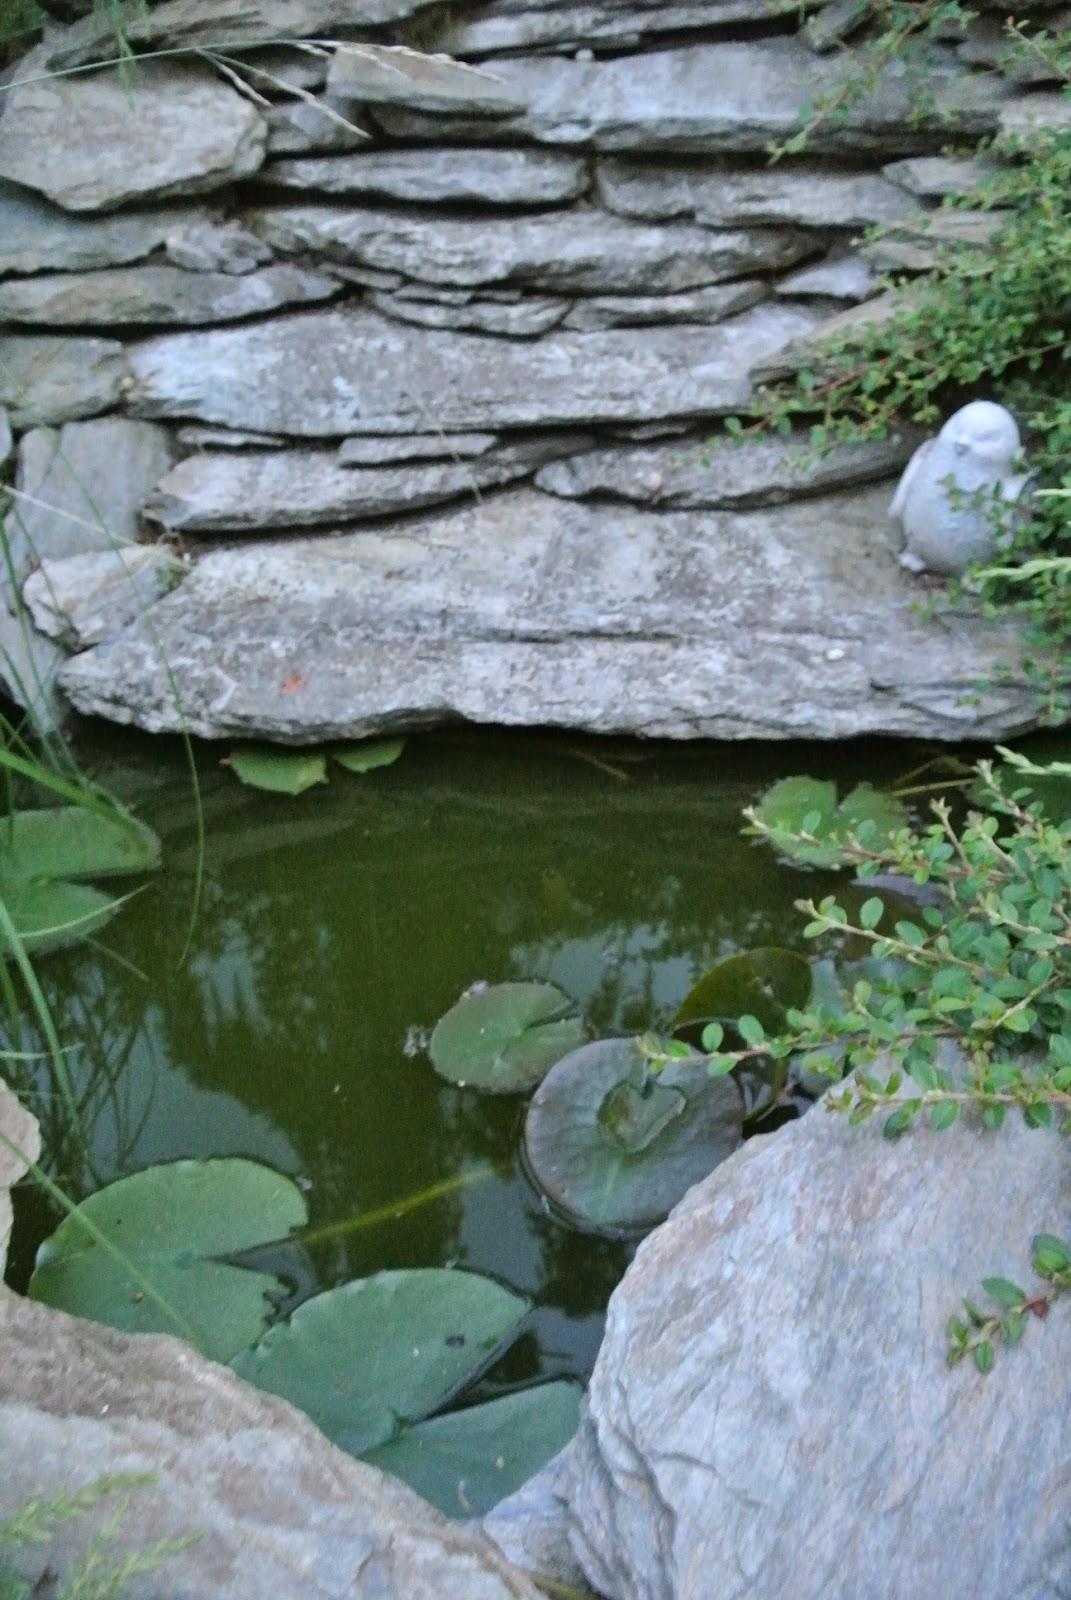 kaskada,łupek,rośliny do oczka,Szczecin,woda w oczku,blog domowy,lifestyle,kamienie,skalniak,ogród,dom i ogród